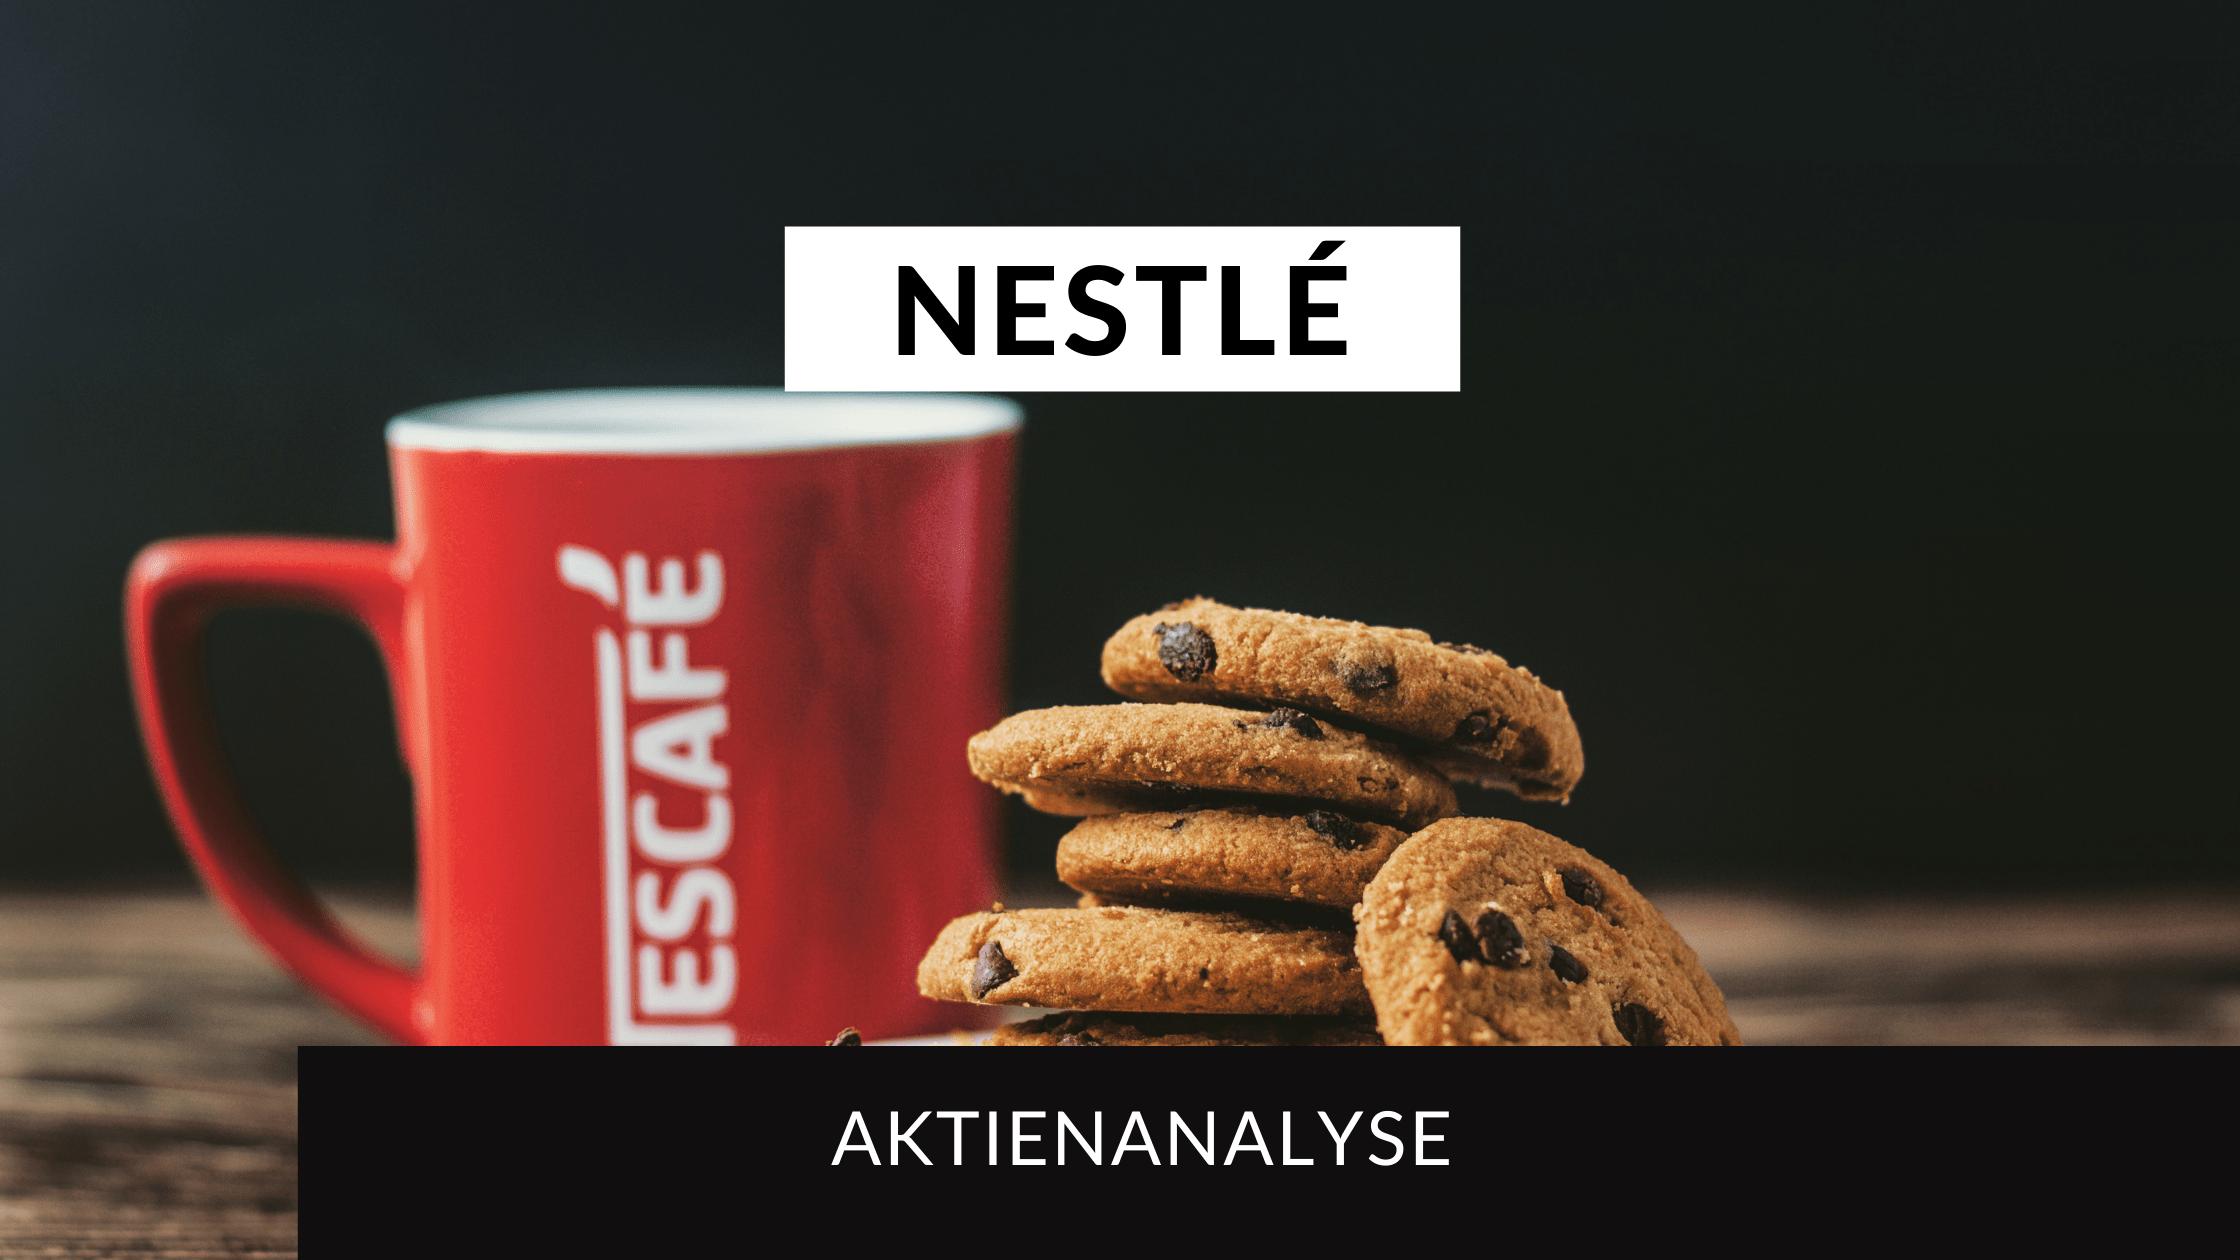 Nestle Aktienanalyse